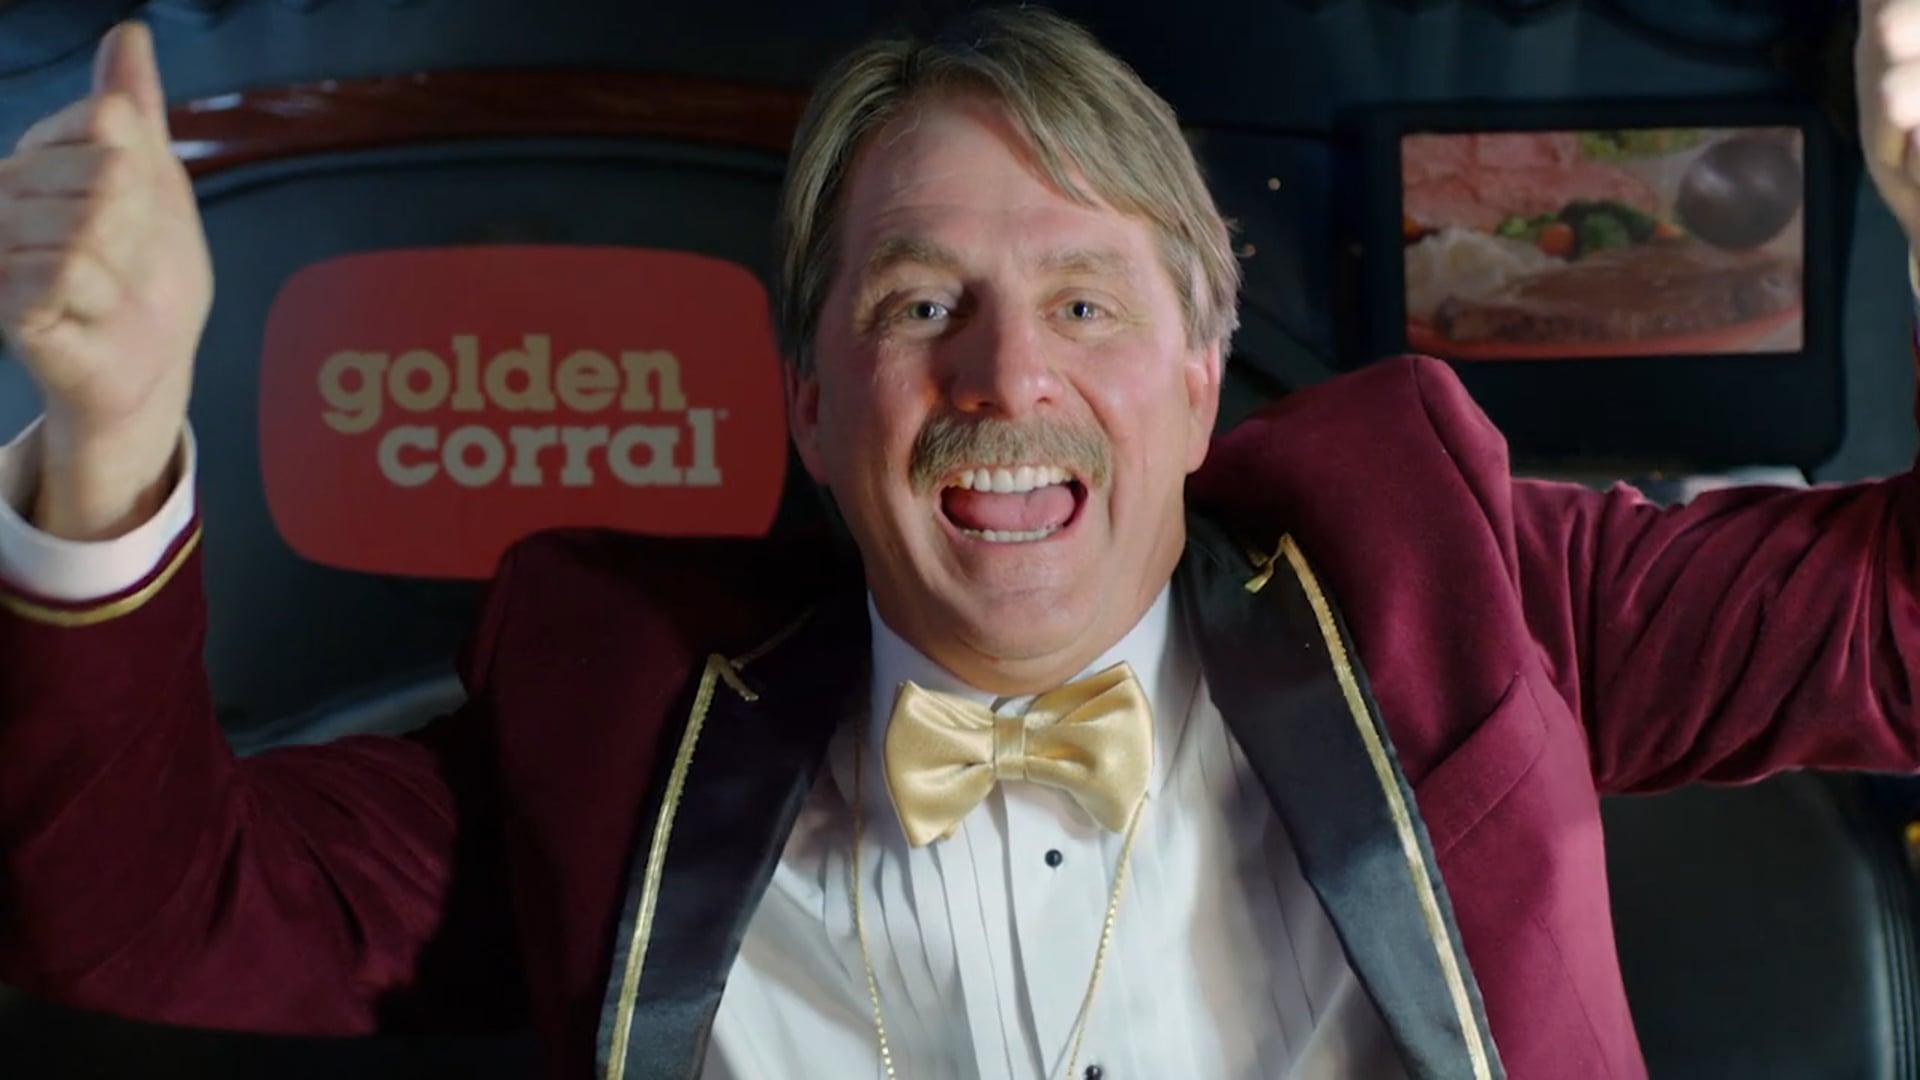 Golden Corral - First Class